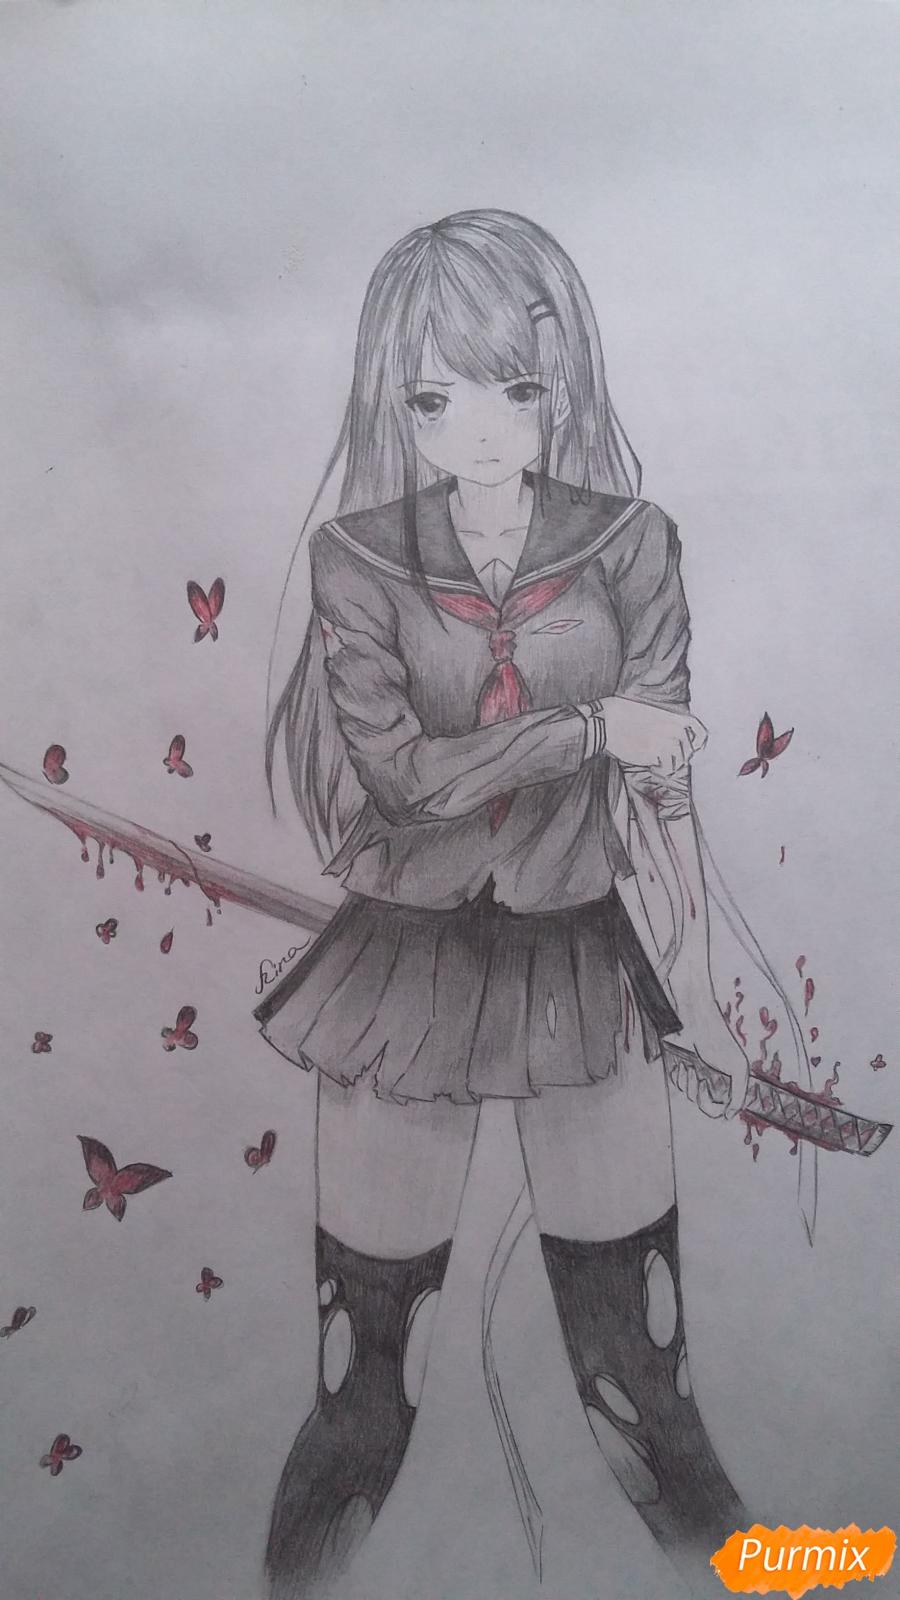 Рисуем девушку с катаной в аниме стиле - шаг 18